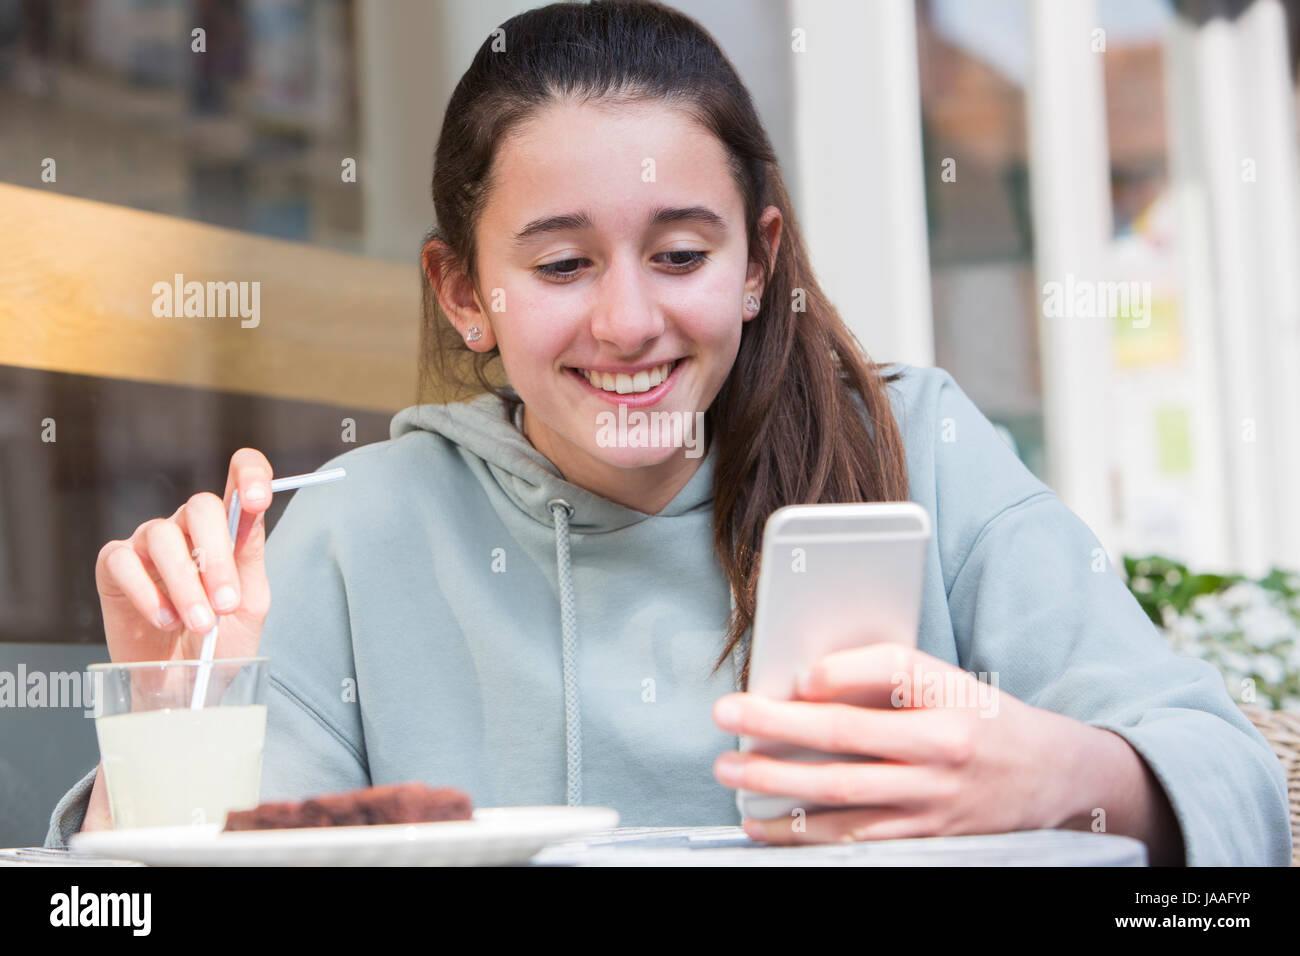 Ragazza giovane presso il Cafe la lettura di un messaggio di testo sul telefono cellulare Immagini Stock